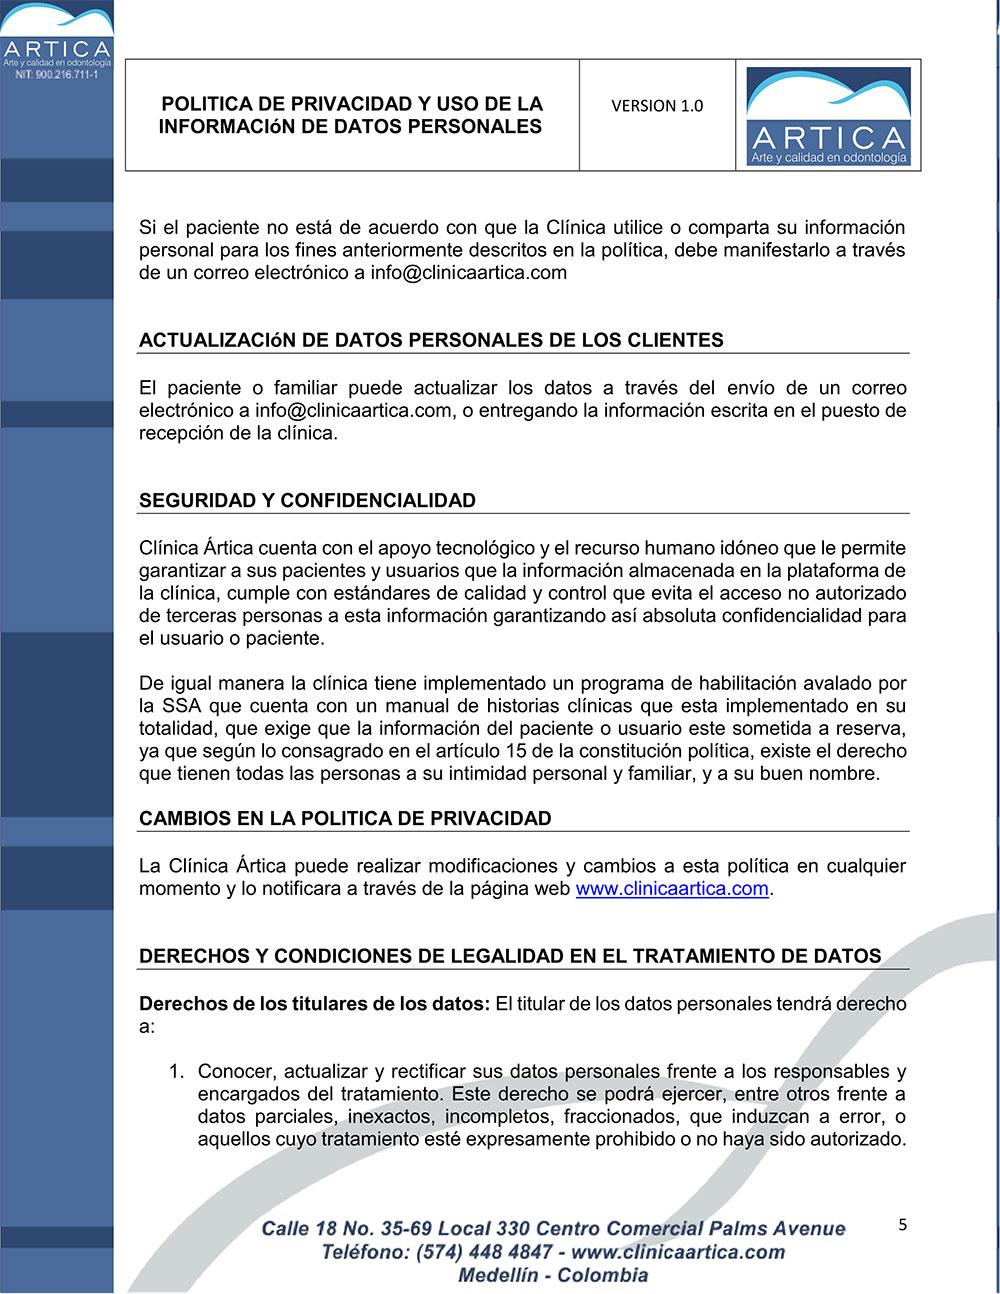 politica-de-privacidad-y-uso-de-datos-personales-clinica-artica-5